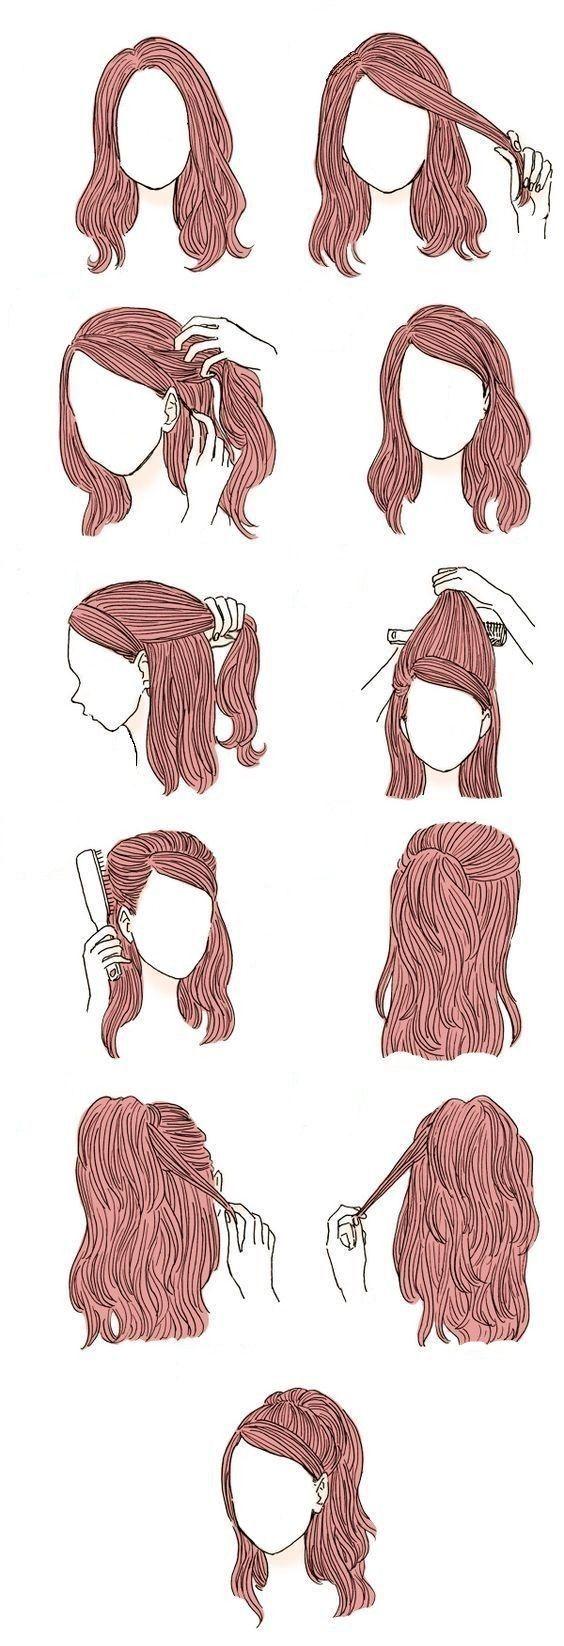 Frisur für die Schule – #Die #flechten #Frisur #für #Schule,  #Die #Flechten #Frisur #für #Sc… – Frisuren Mittellanges Haar